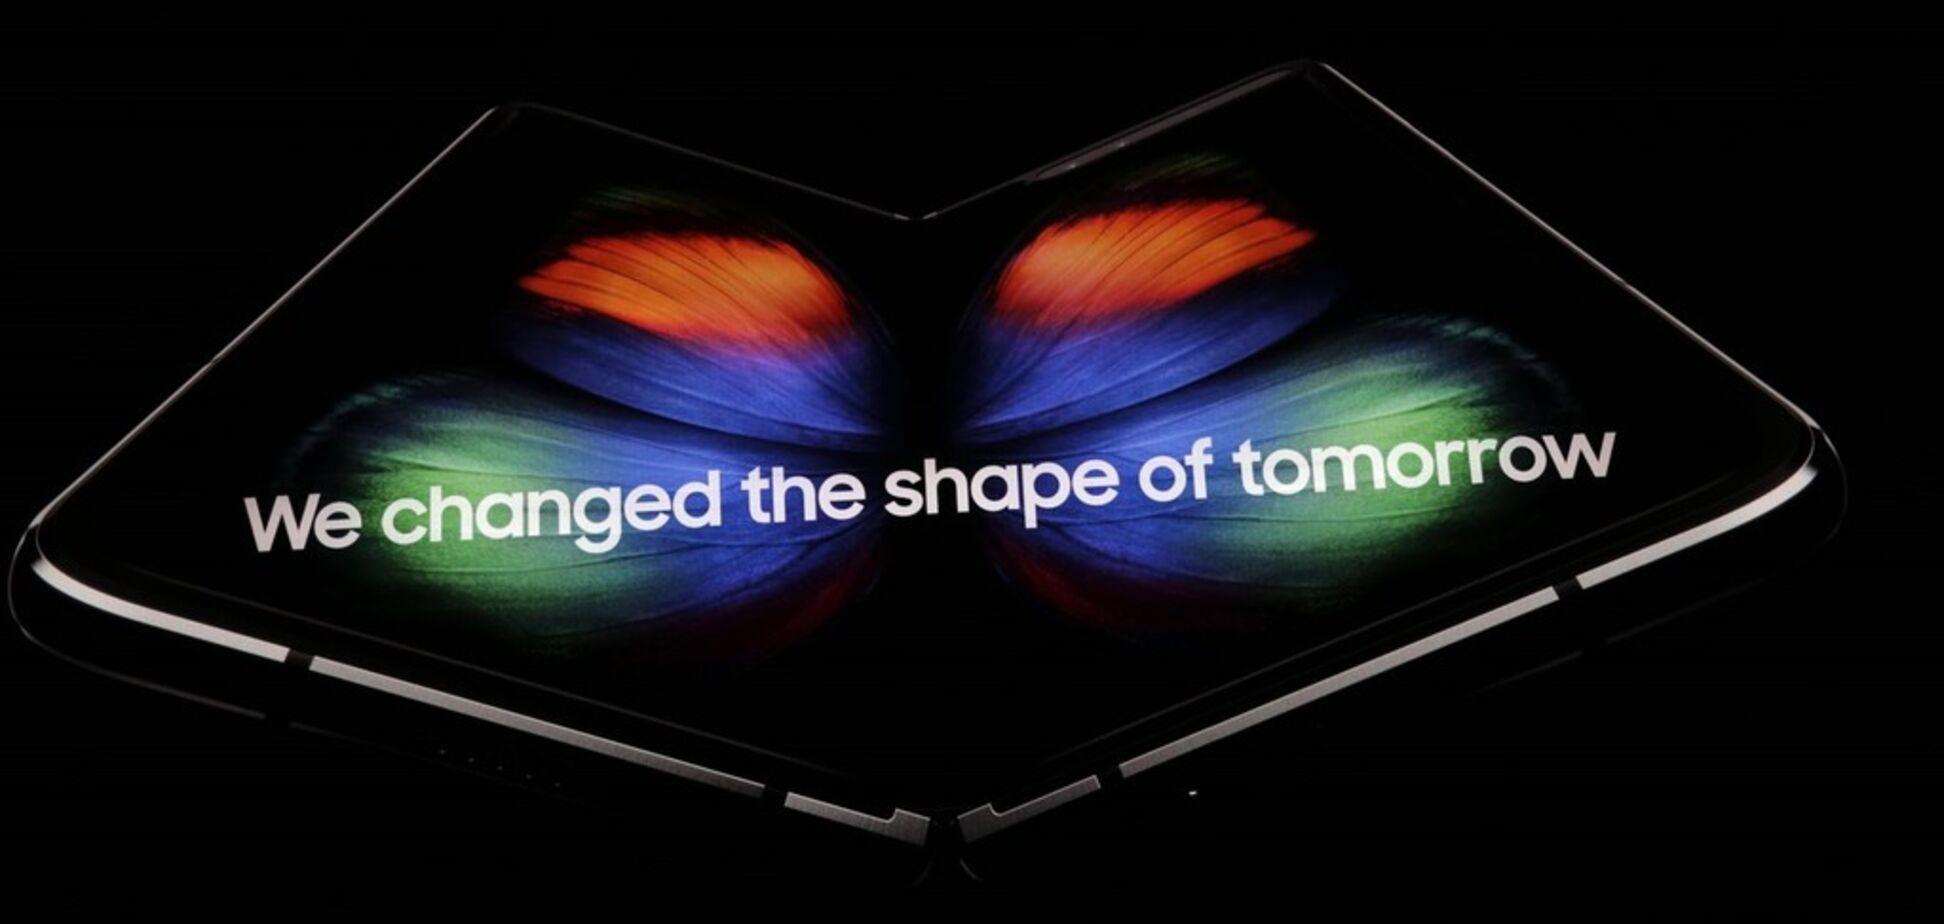 Революційний гаджет: Samsung презентувала перший гнучкий смартфон